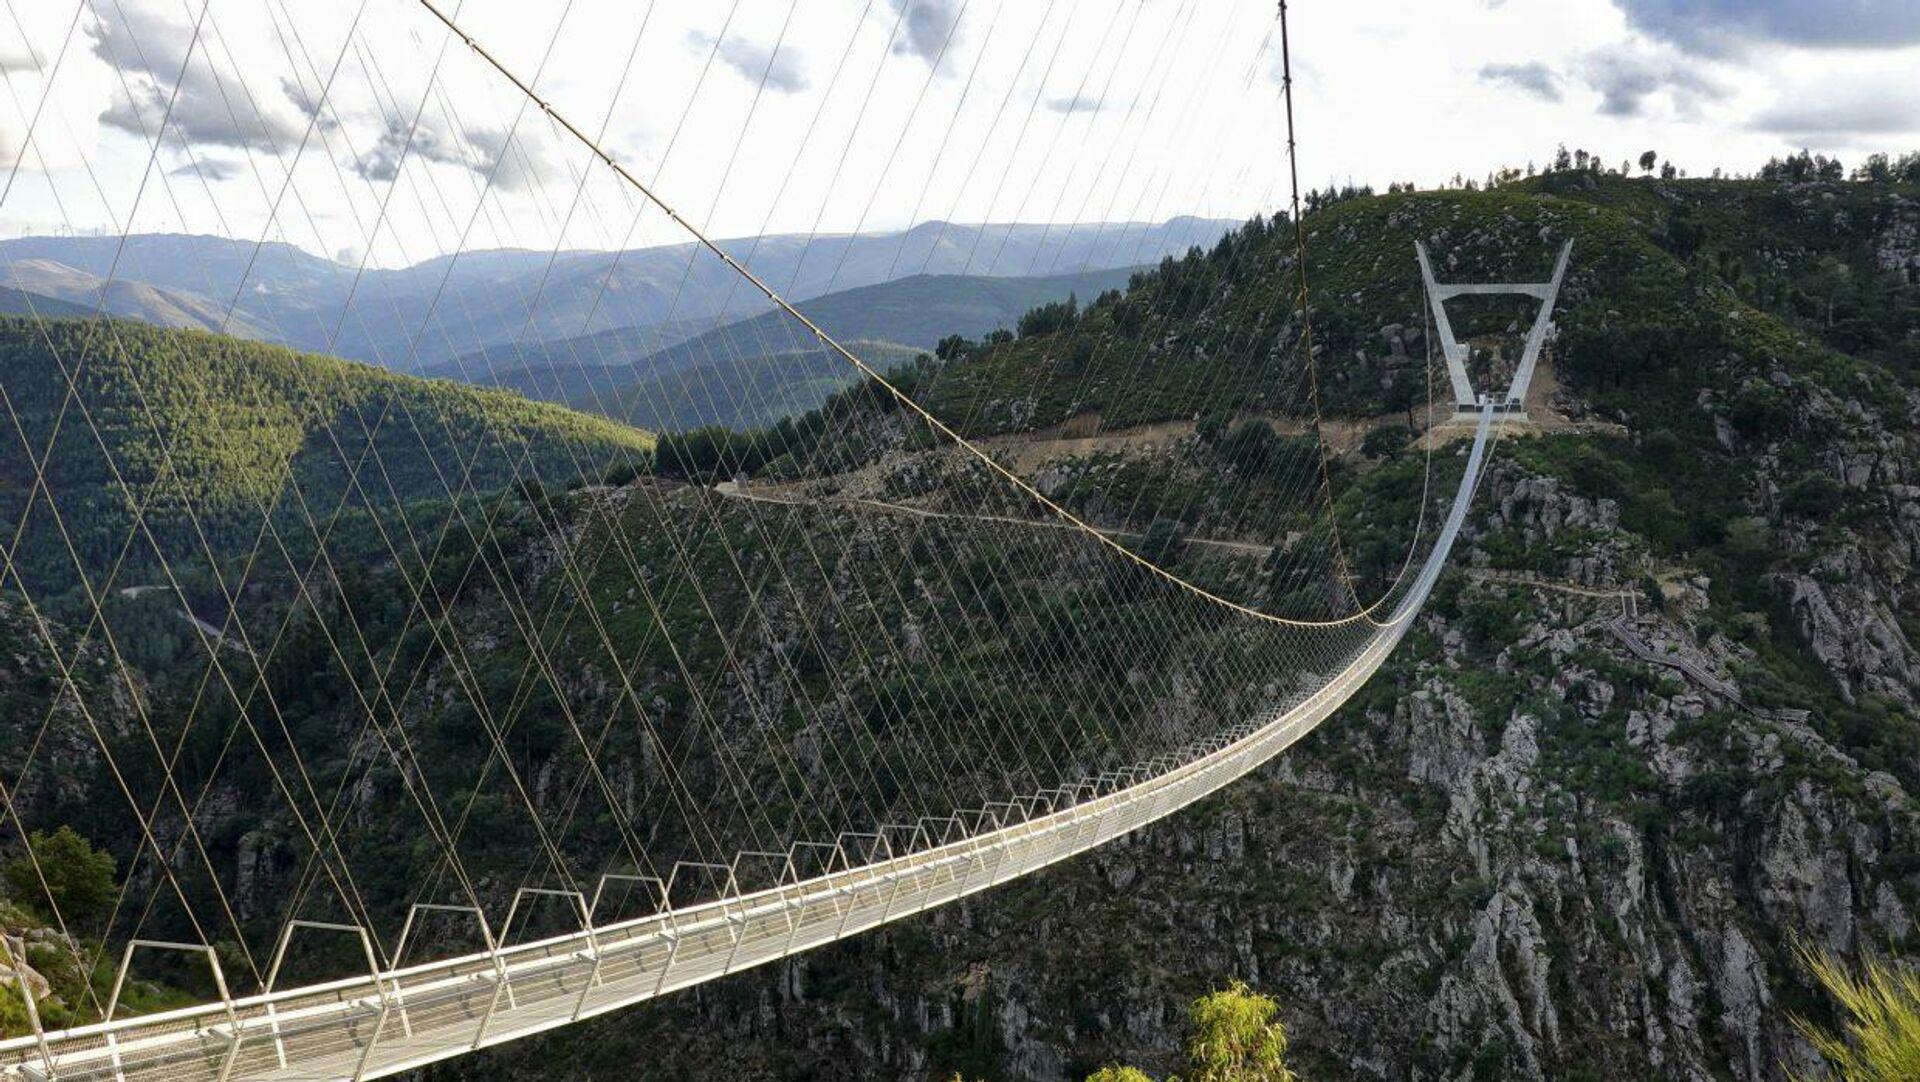 Puente 515 Arouca - Sputnik Mundo, 1920, 26.04.2021